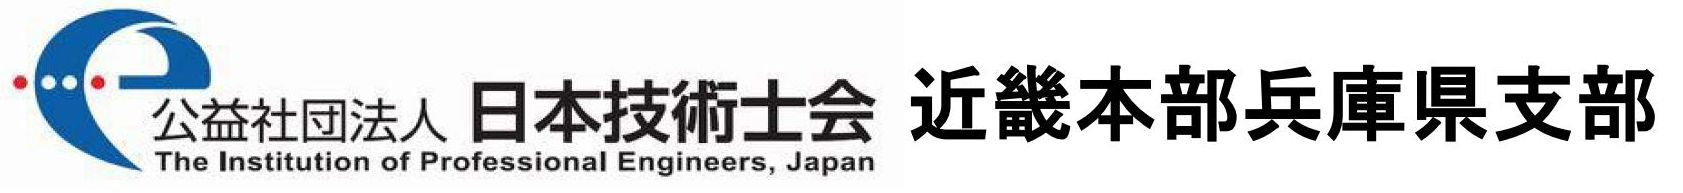 公益社団法人 日本技術士会近畿本部兵庫県支部